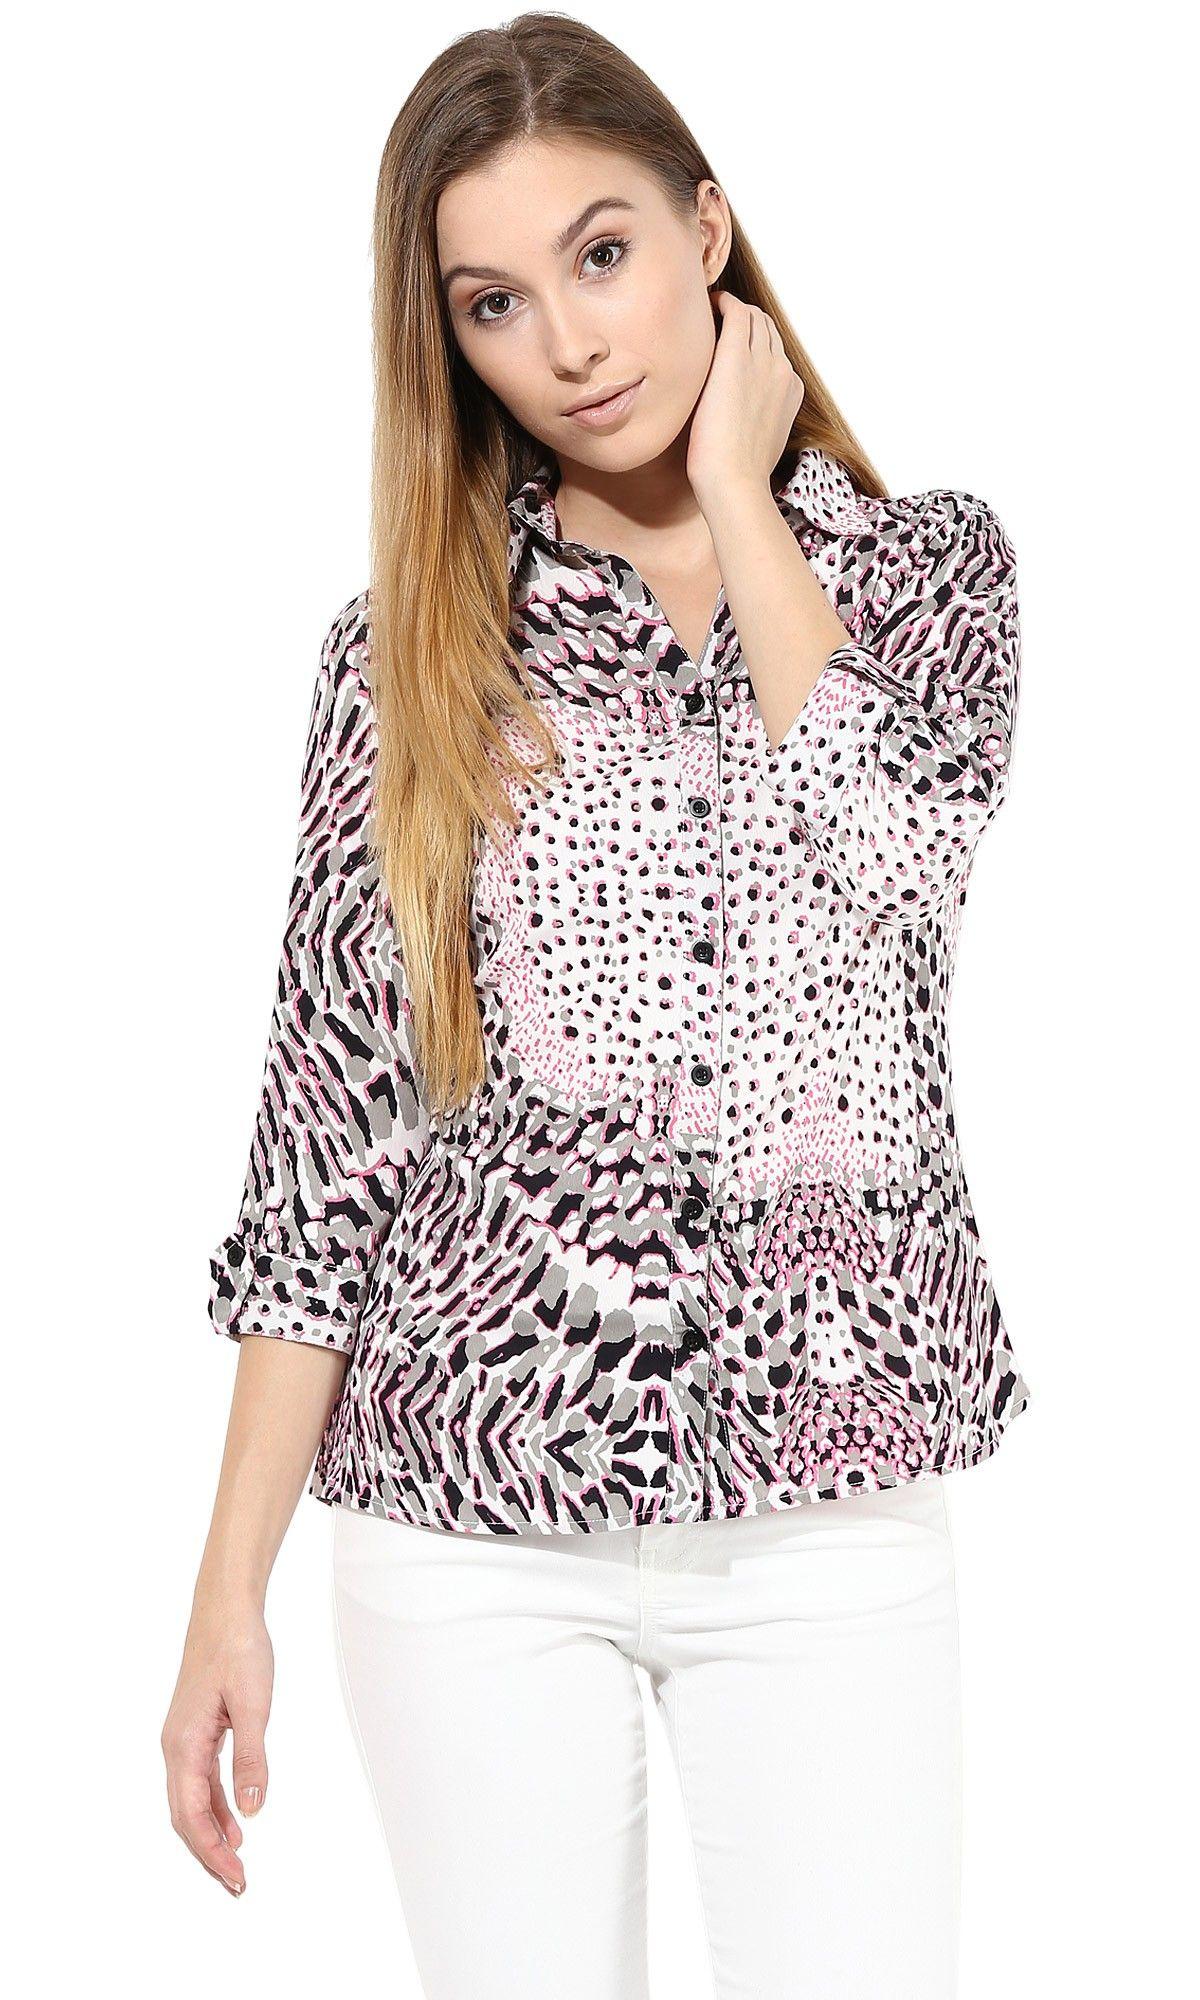 9838570a2a Cute Animal Print Shirt